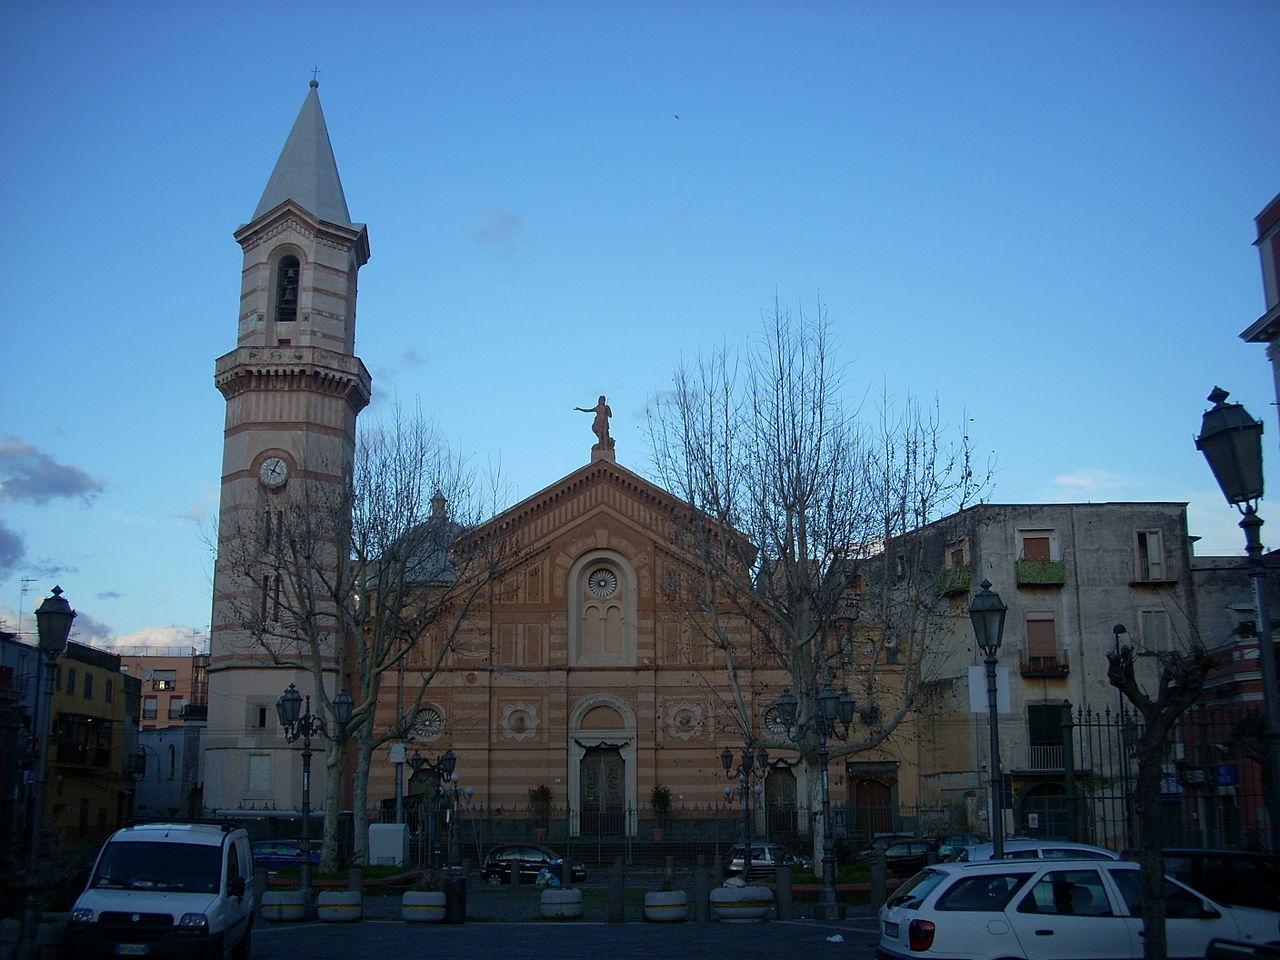 Chiesa di San Giovanni Battista a San Giovanni a Teduccio